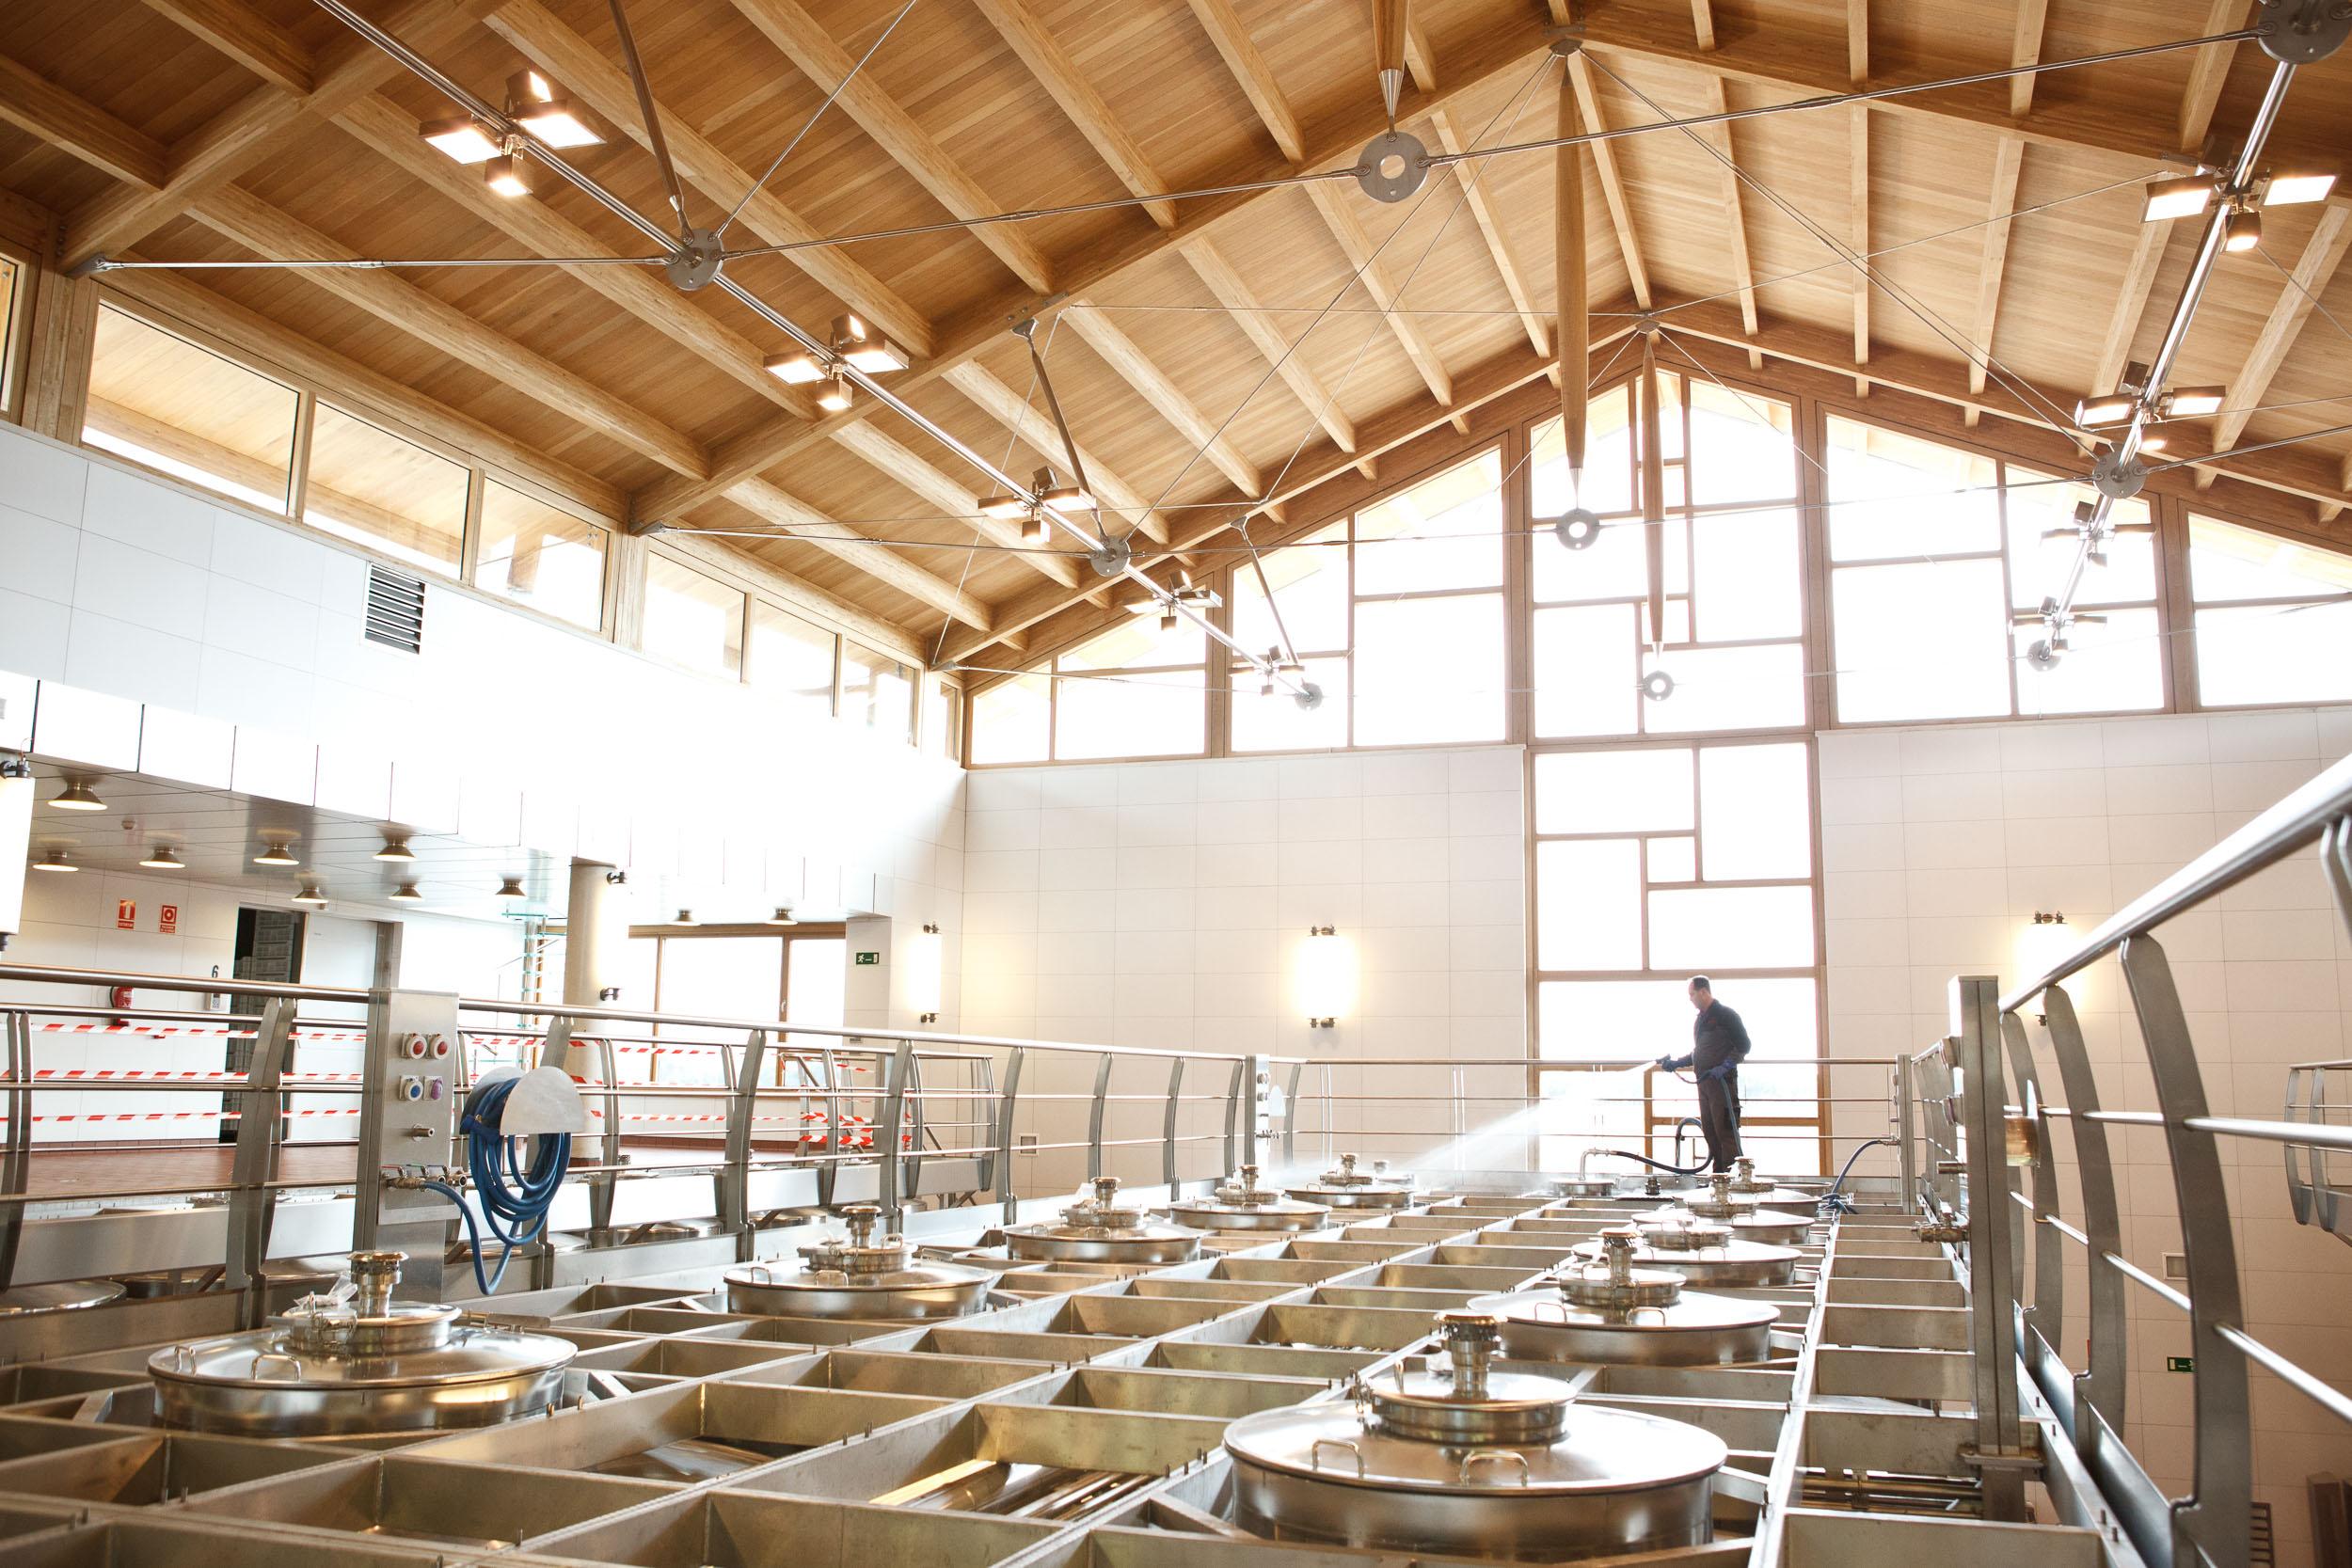 16/2/12 New building at Vega Sicilia Winery, Valbuena de Duero, Castilla y Leon, Spain. Photos by James Sturcke Fotografía | www.sturcke.org